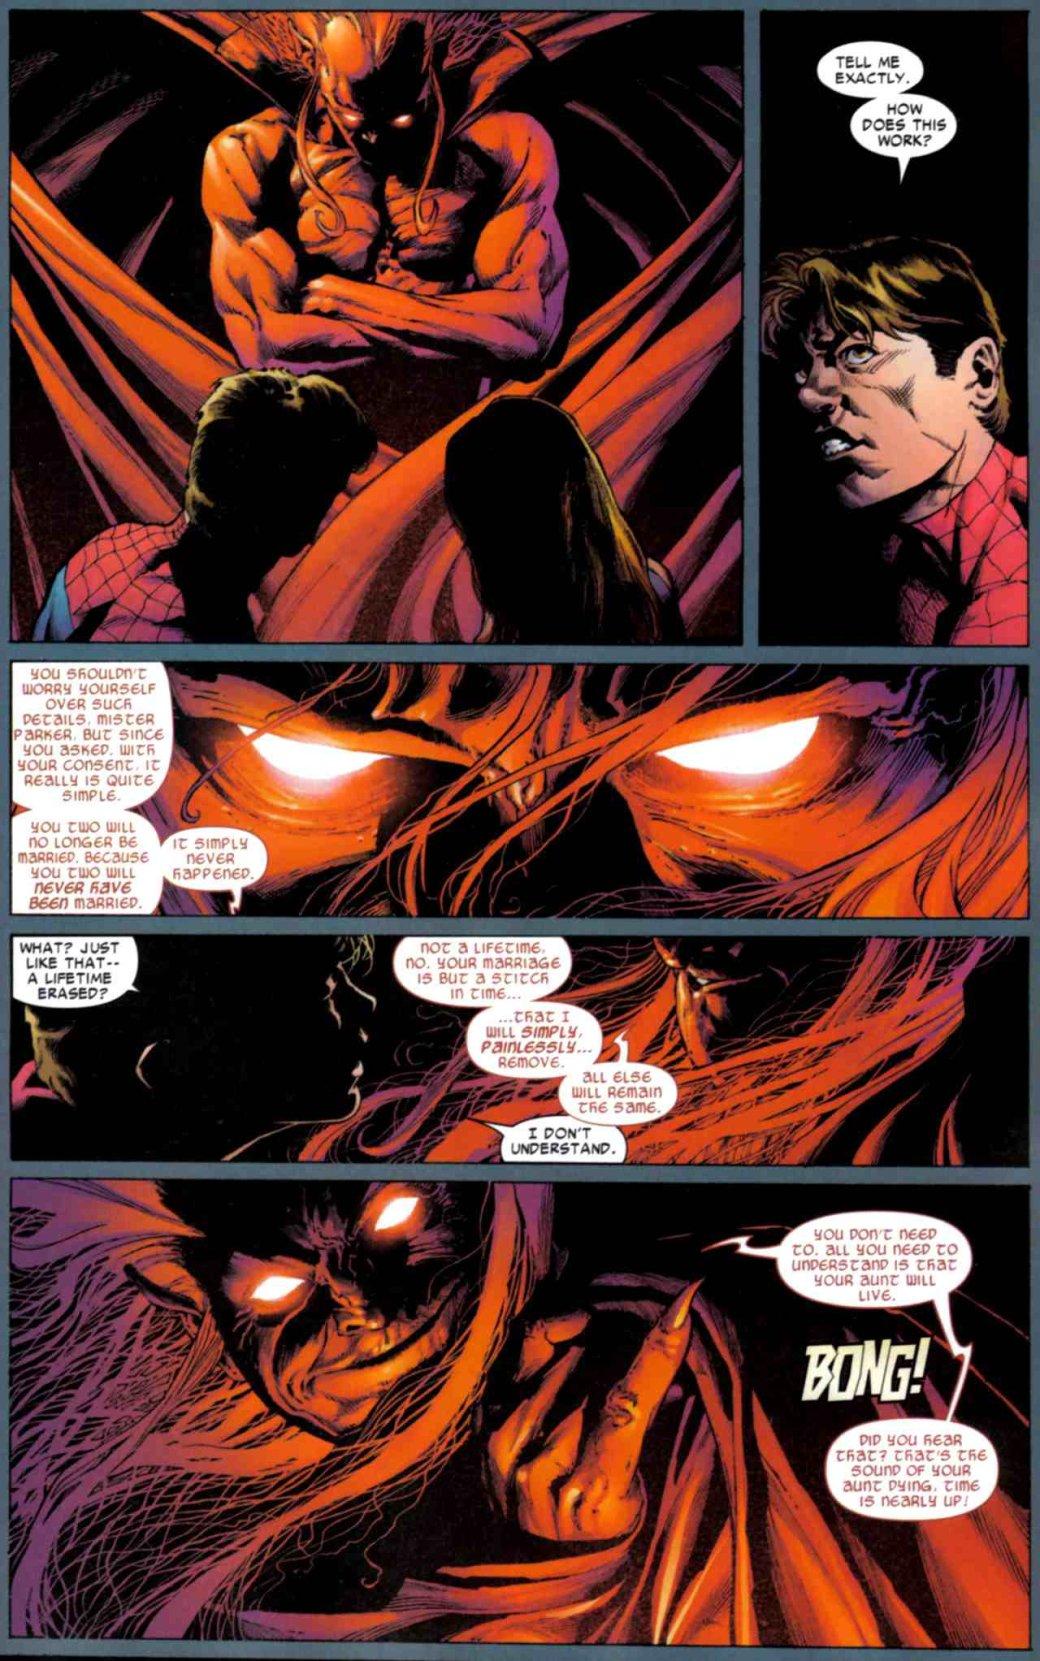 Легендарные комиксы про Человека-паука, которые стоит прочесть. Часть 1 | Канобу - Изображение 18